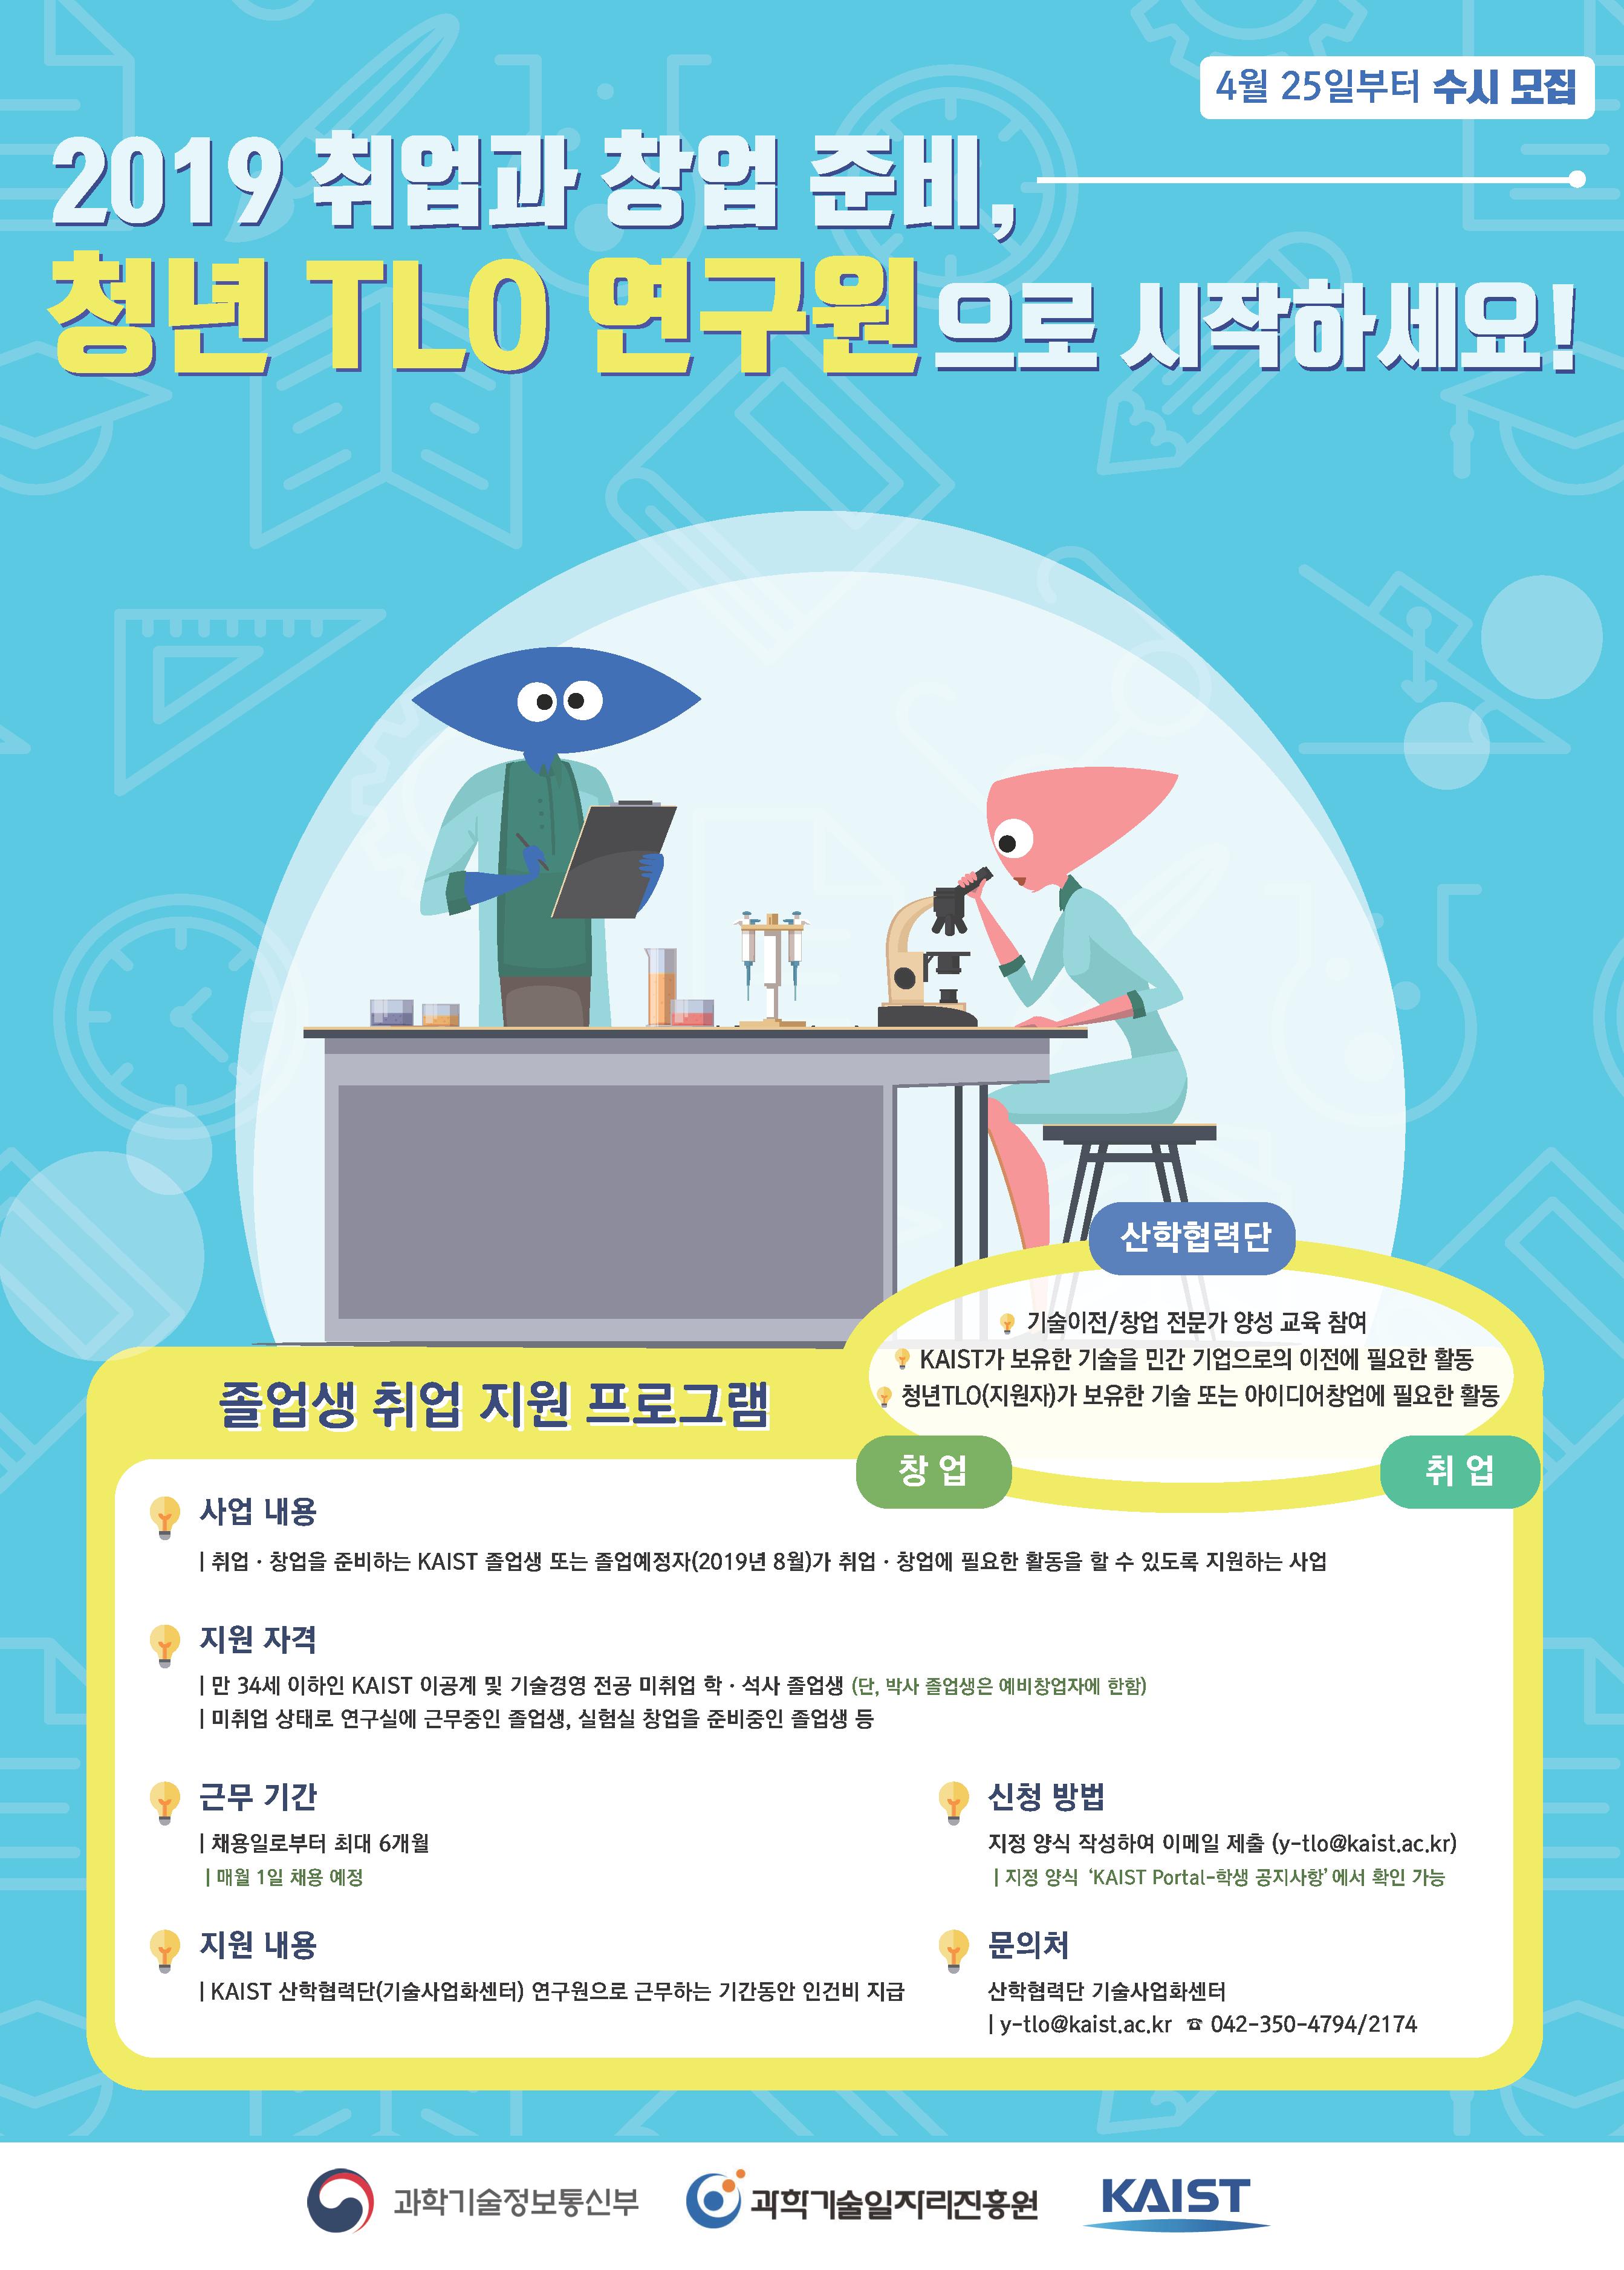 [첨부.1] 사업안내문(포스터)_청년TLO육성사업.png